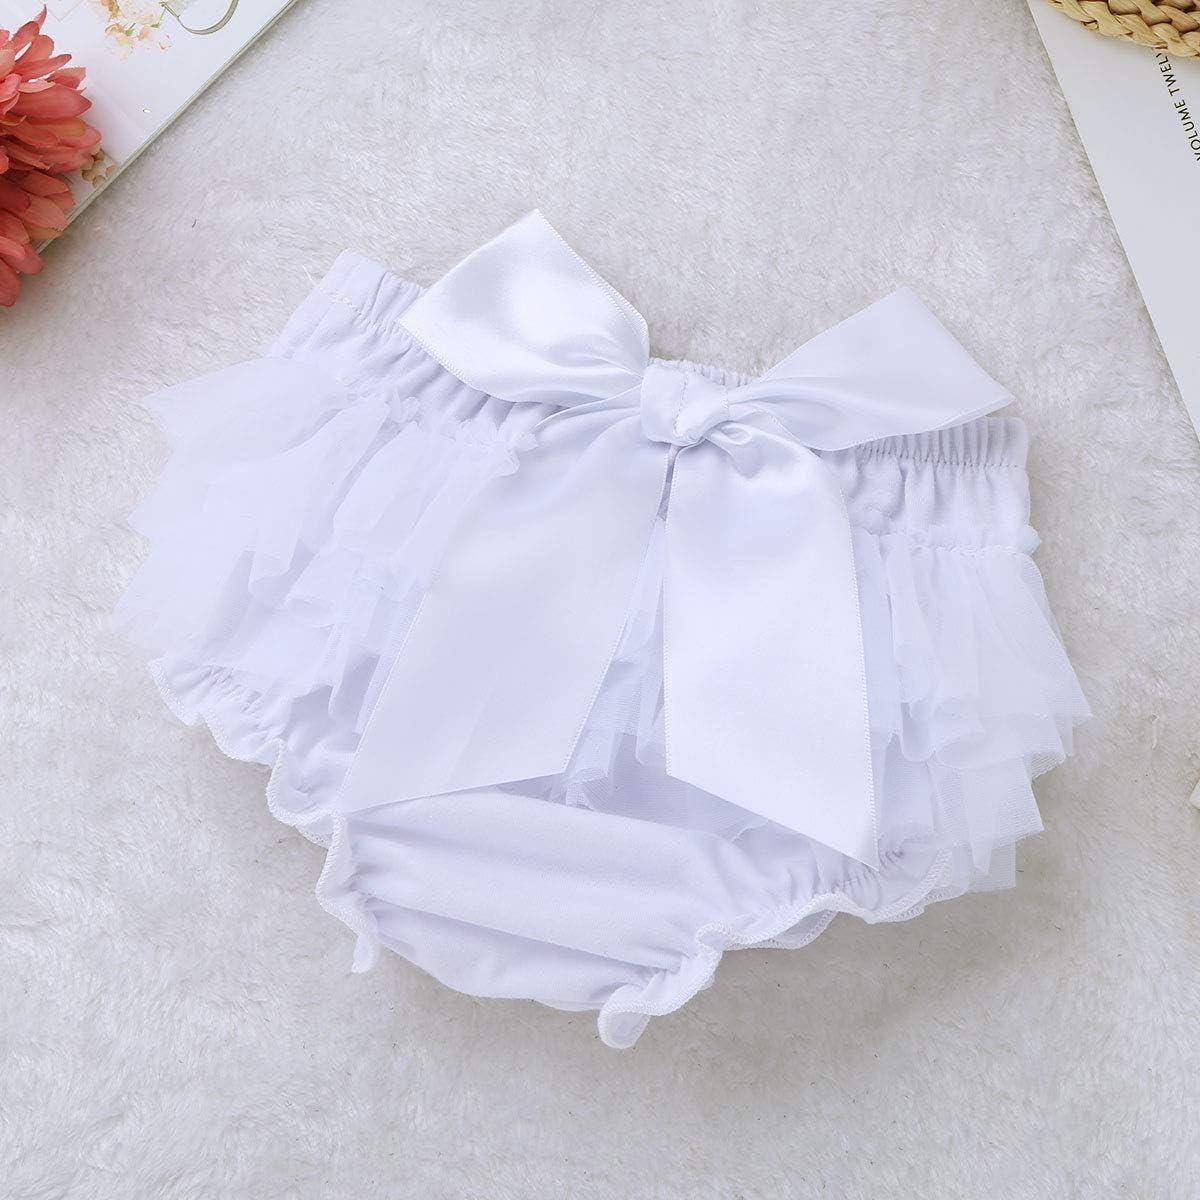 IEFIEL Counjunto de Ropa beb/é Ni/ña Verano Reci/én Nacido Pantalones Cortos y Diadema Flora Traje Infantil de Bautizo Fiesta Boda Apoyo de Fotograf/ía